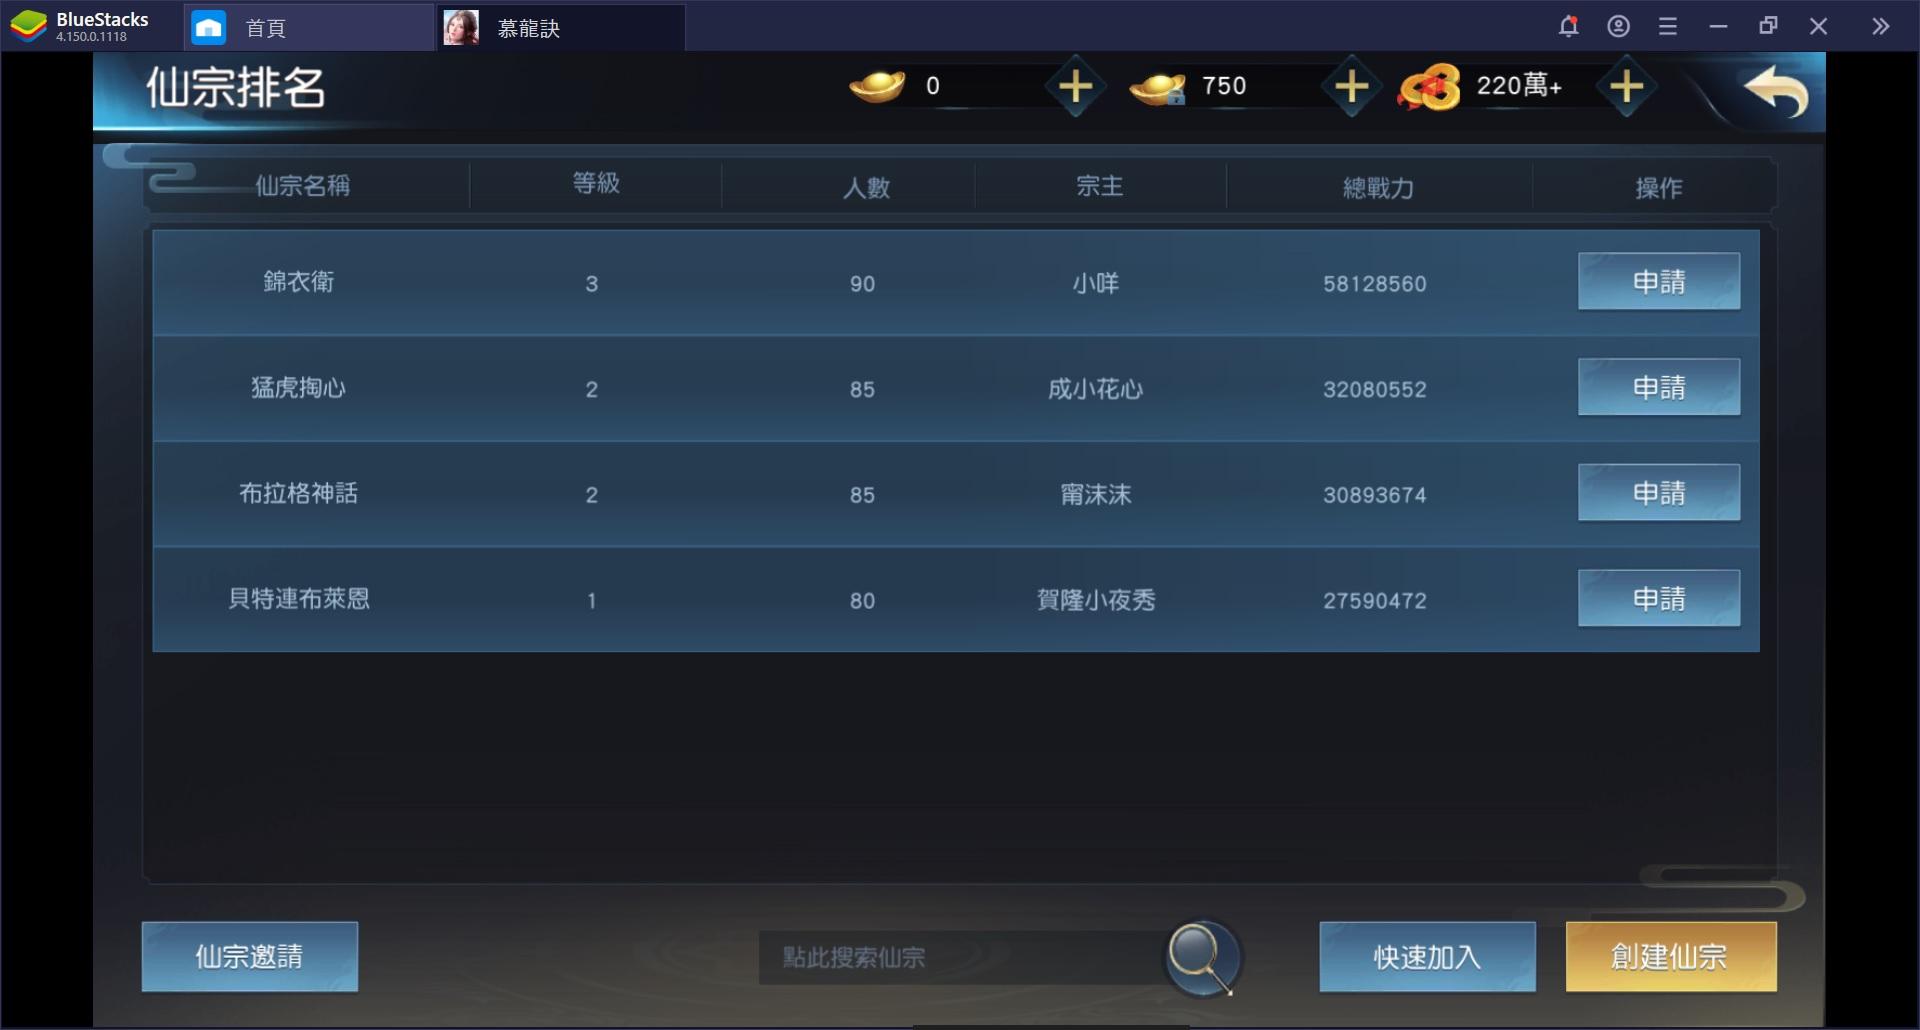 使用BlueStacks在電腦上體驗轉世尋龍·追愛MMO手游《慕龍訣》